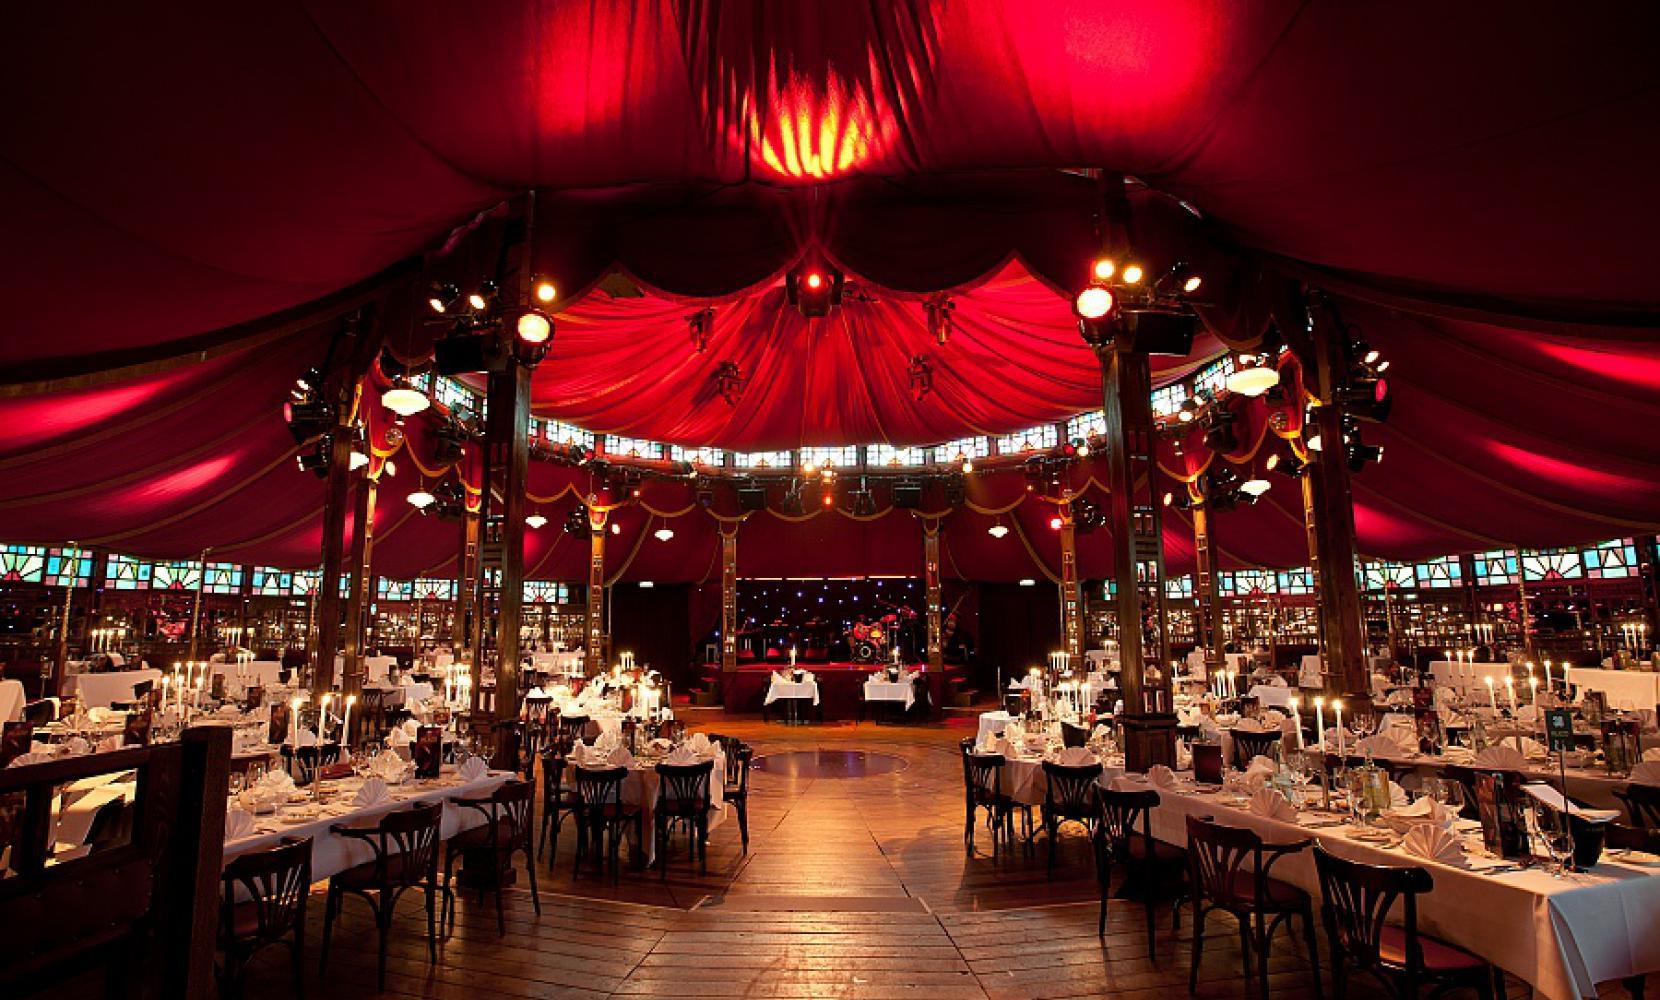 Het Spiegelpaleis - Mirror tent The Caroussel - interior & Spiegeltent The Carrousel - Het Spiegelpaleis I spiegeltent hire